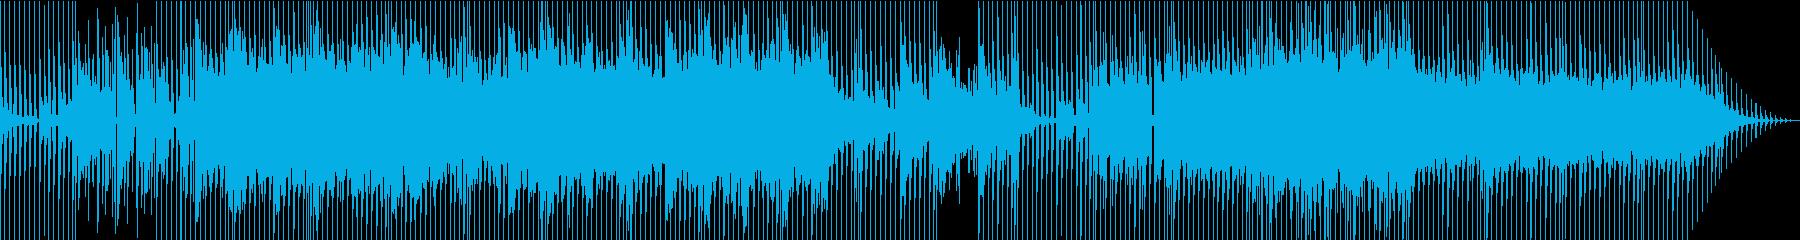 激しい感じの4つ打ちの再生済みの波形